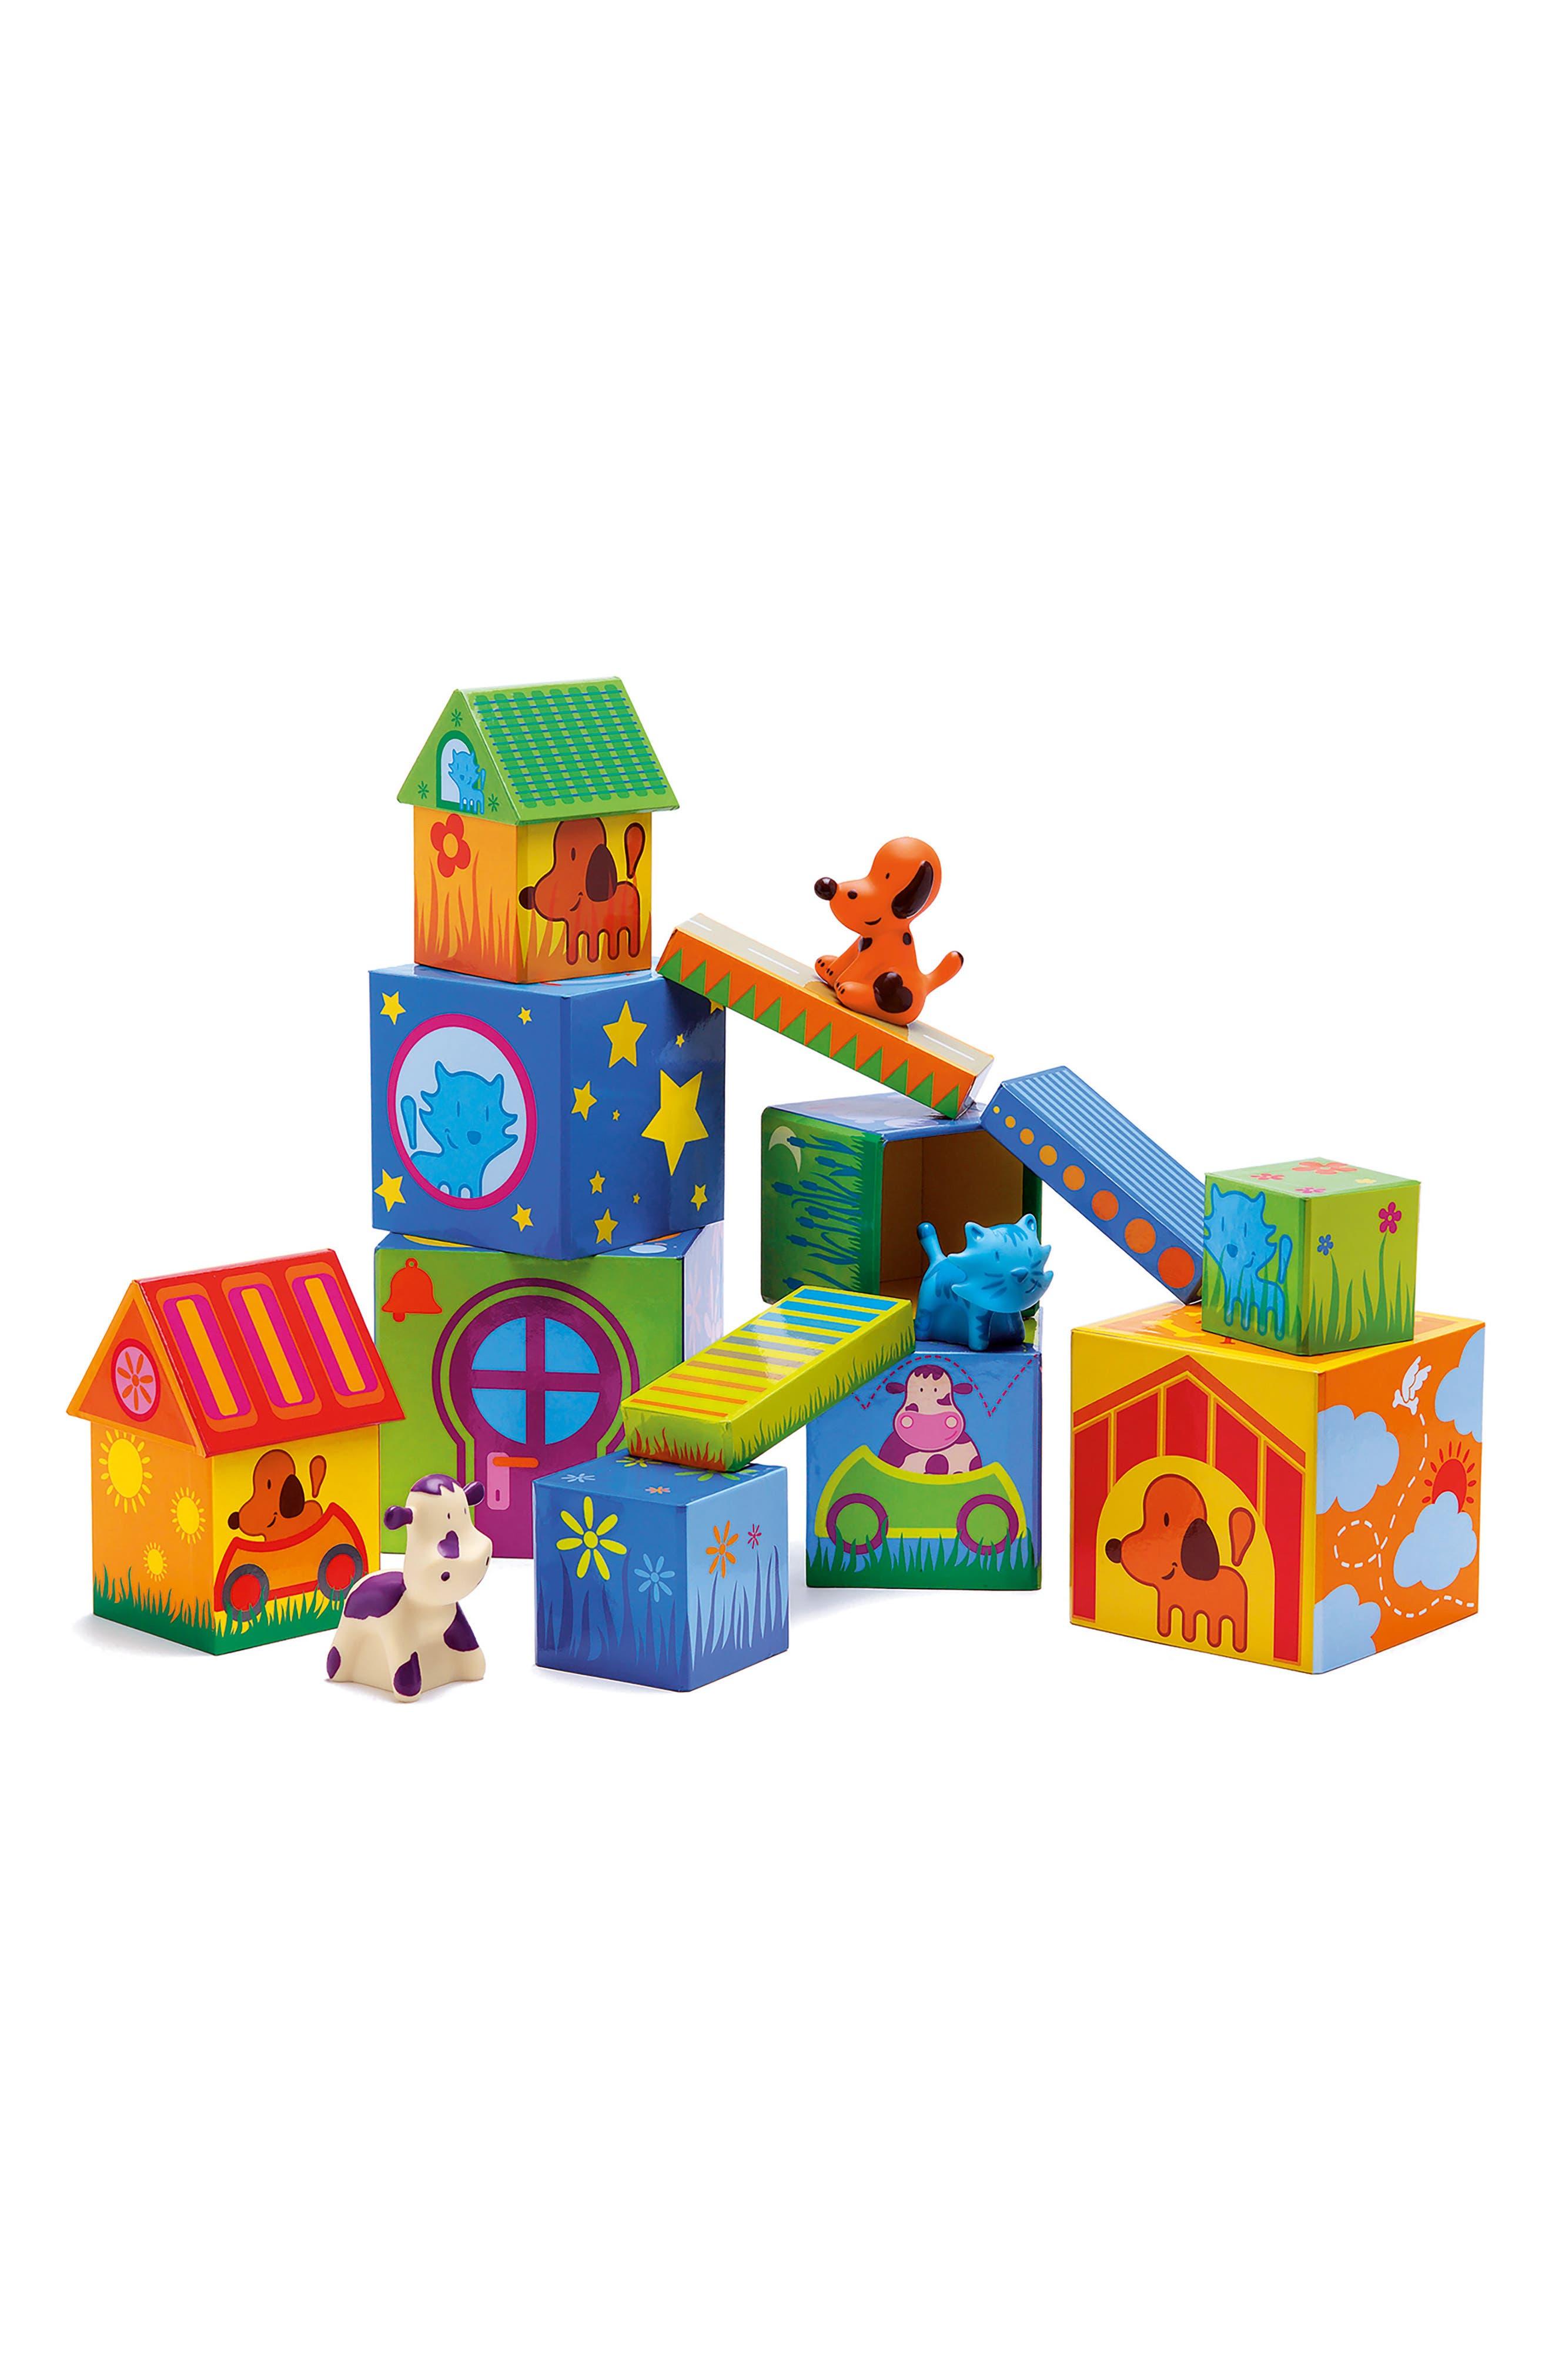 17-Piece Cubanimo Cubes for Infants Building Block Set,                         Main,                         color, Multi